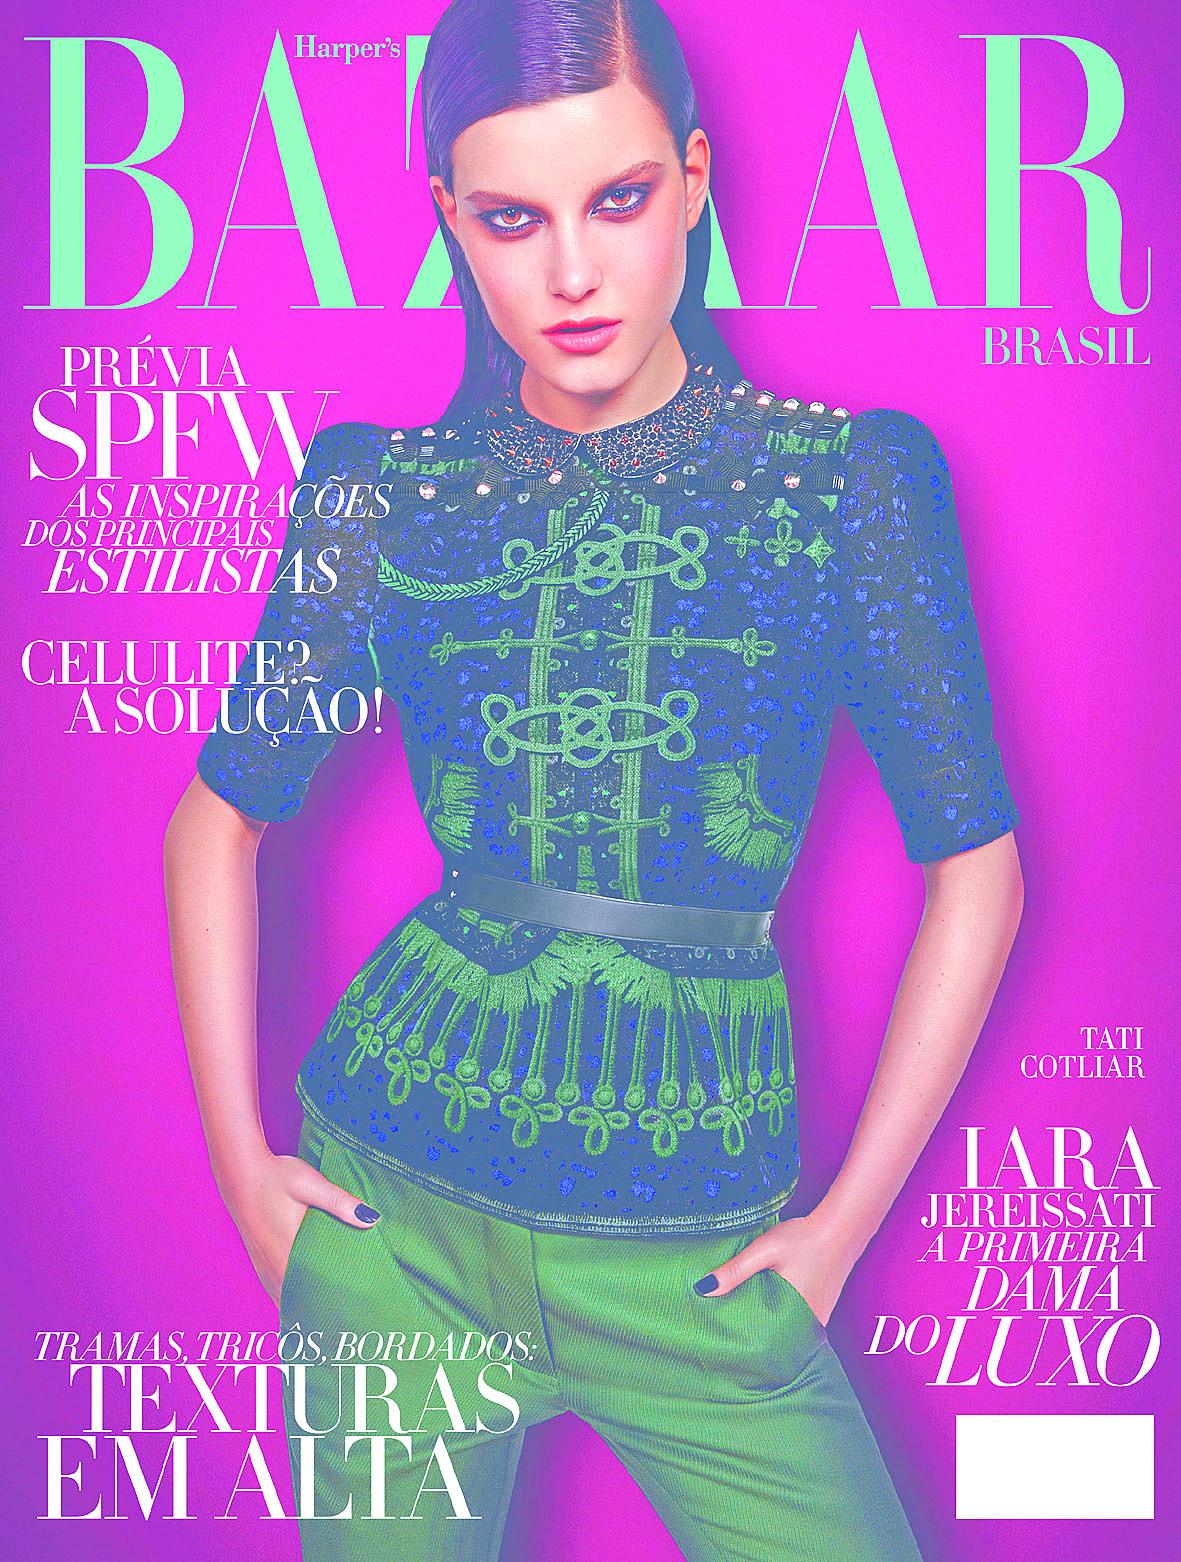 63db65733 A 8ª edição da Harper s Bazaar Brasil traz um roteiro especial com os  melhores destinos para aproveitar as férias